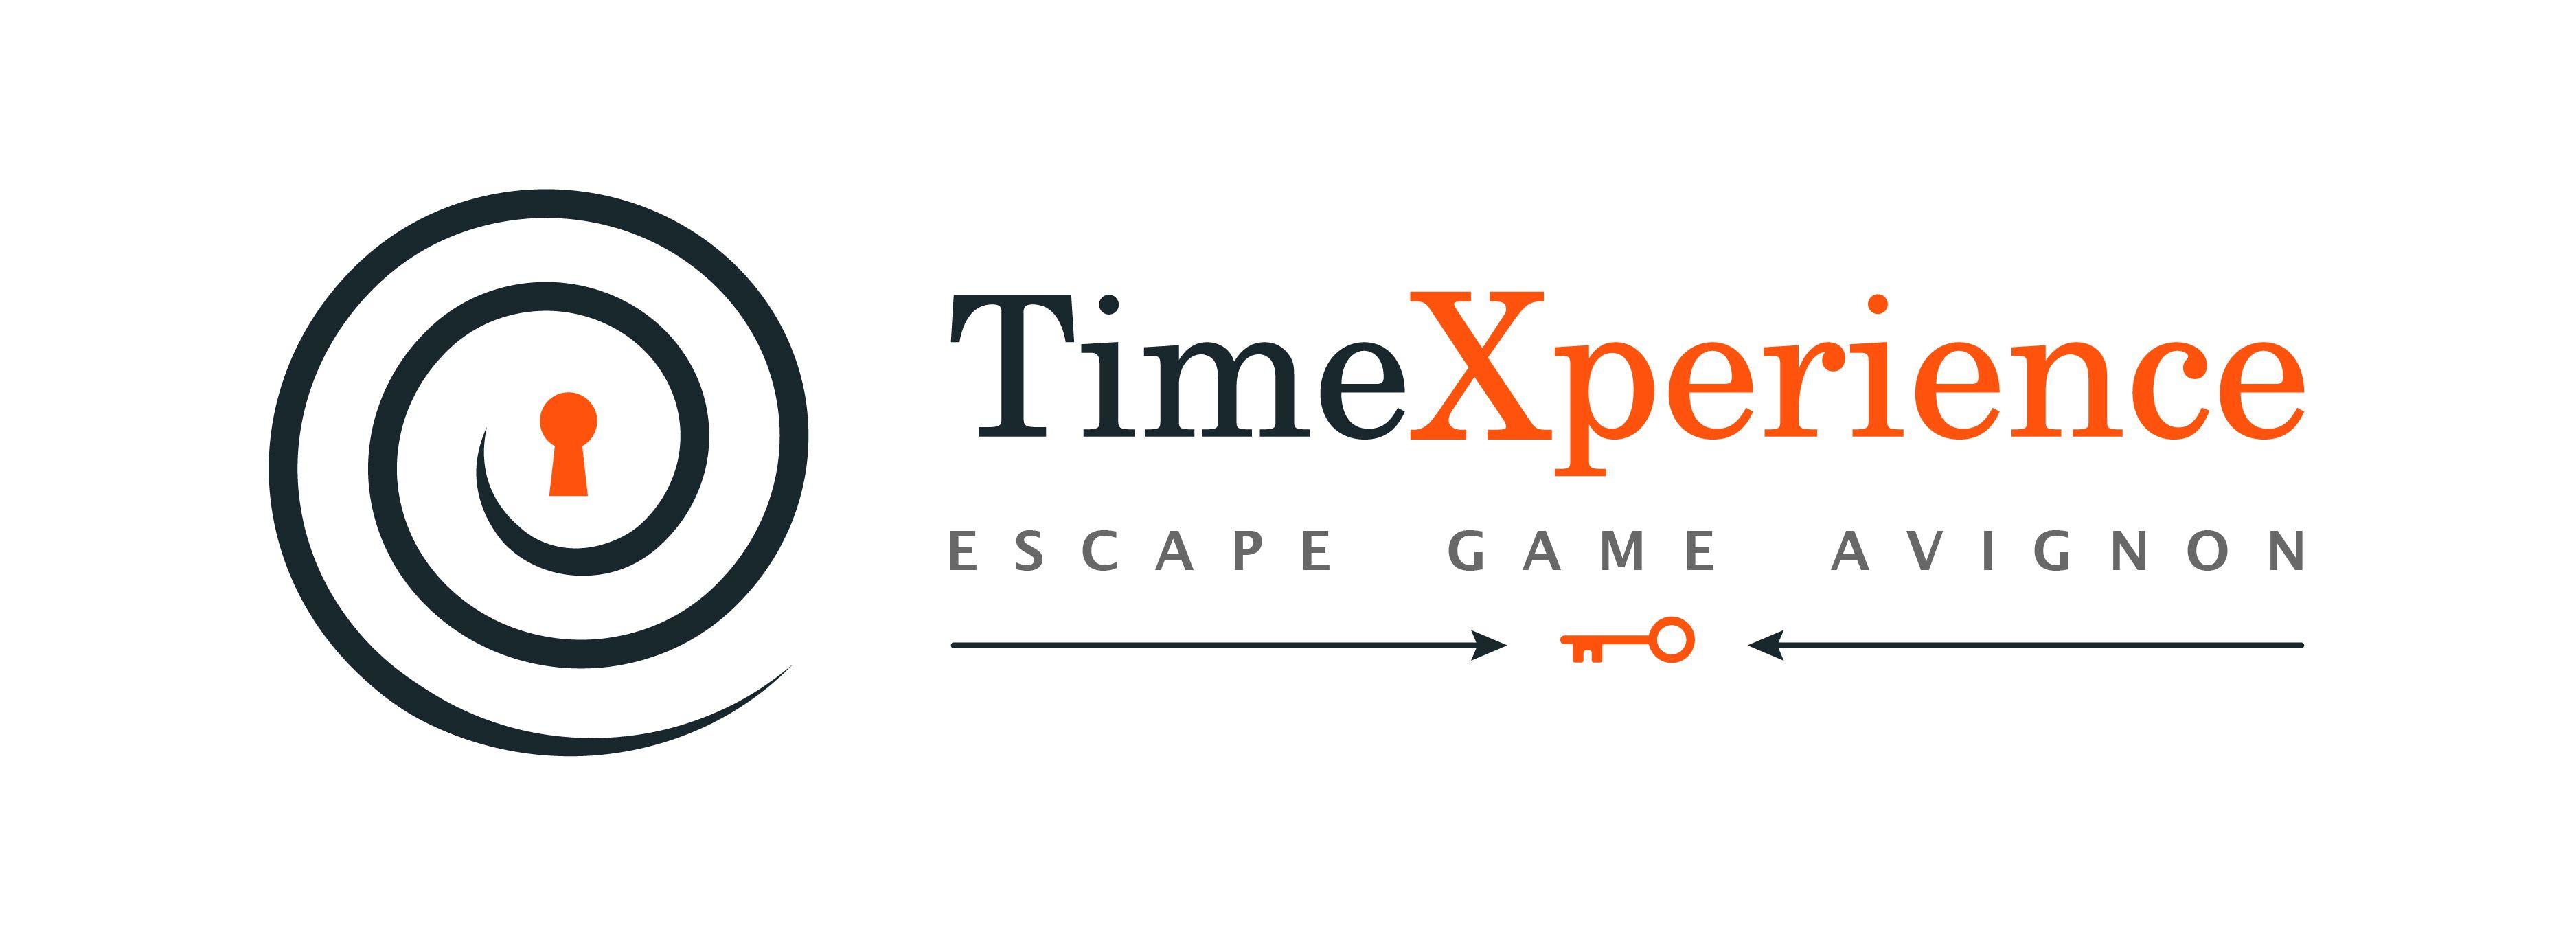 Timexperience - Escape Game Avignon